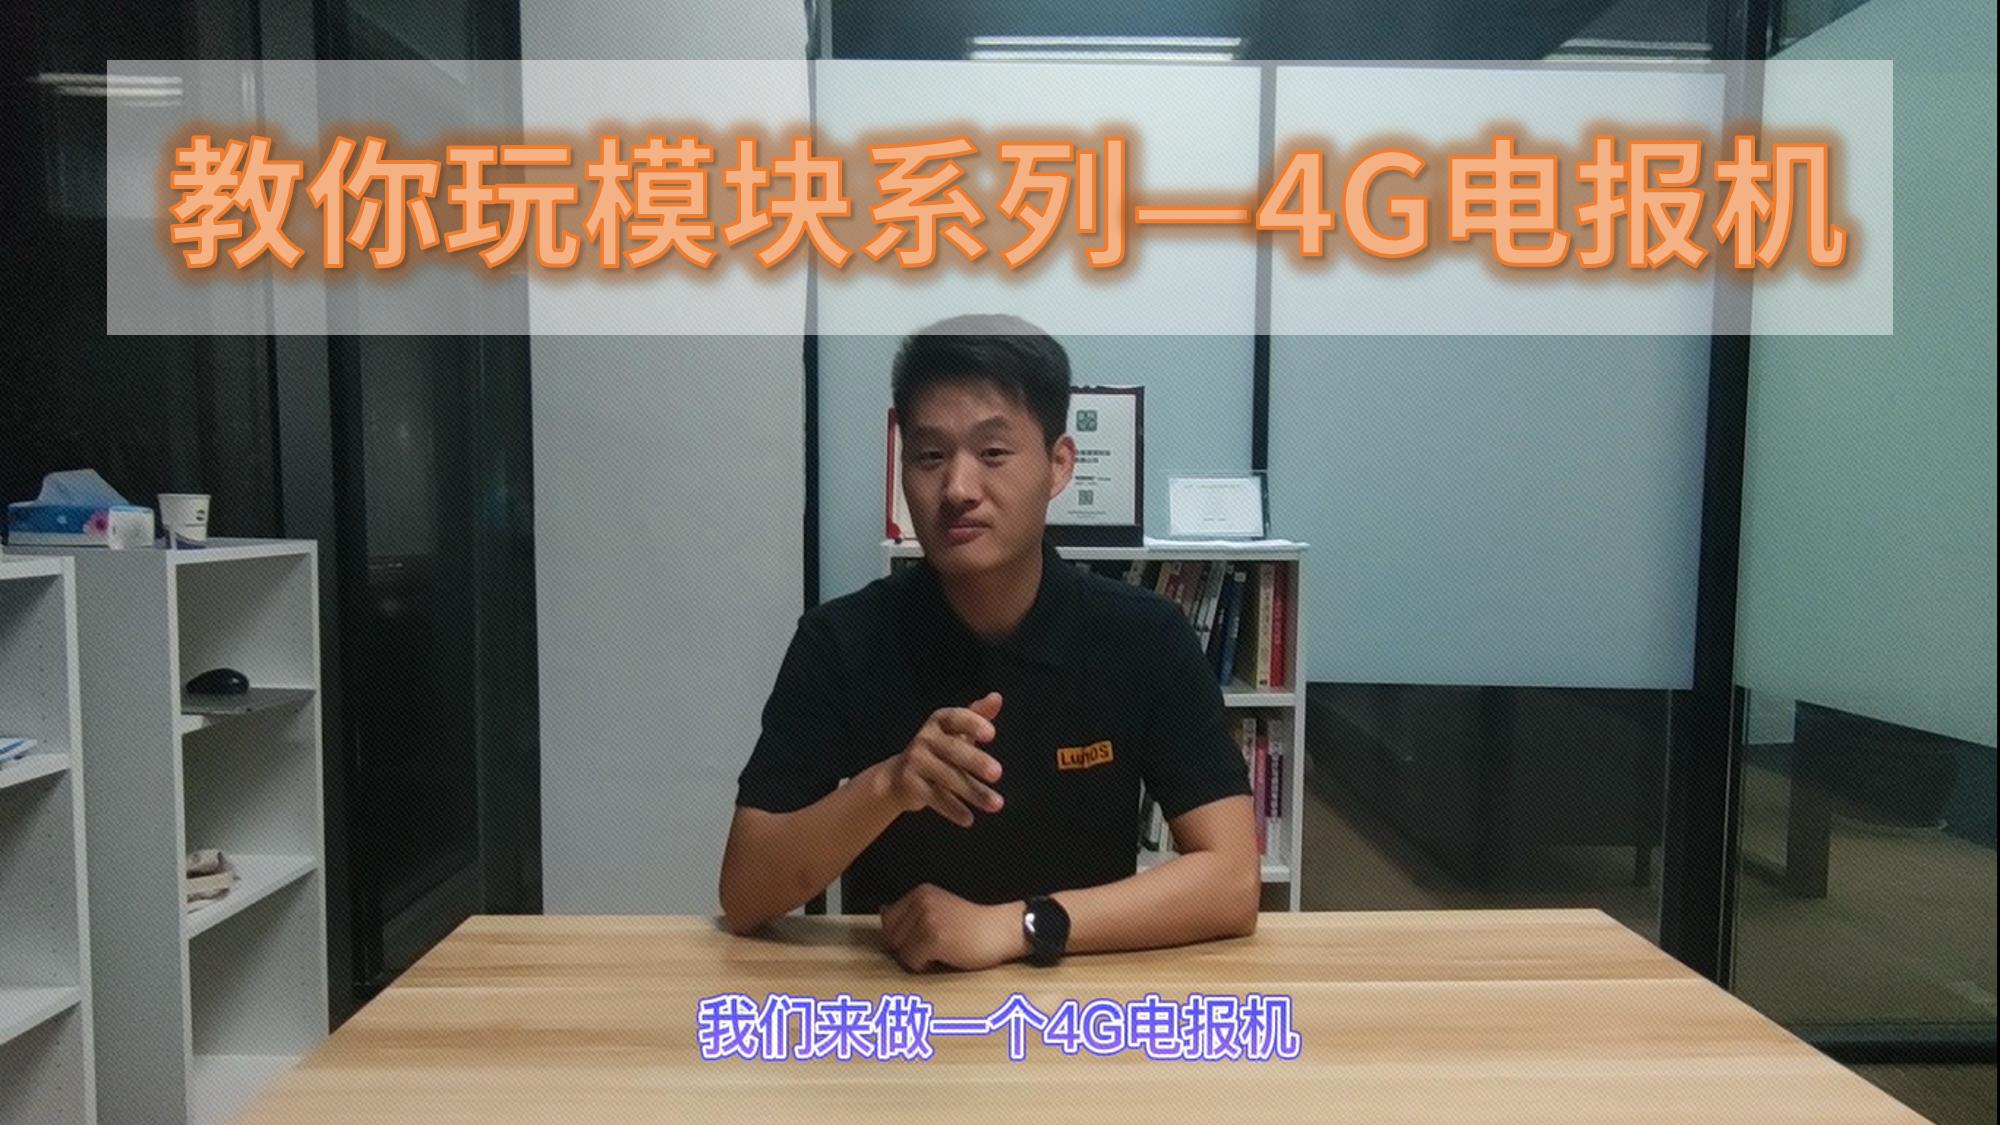 雪峰教你玩模块---4G电报机